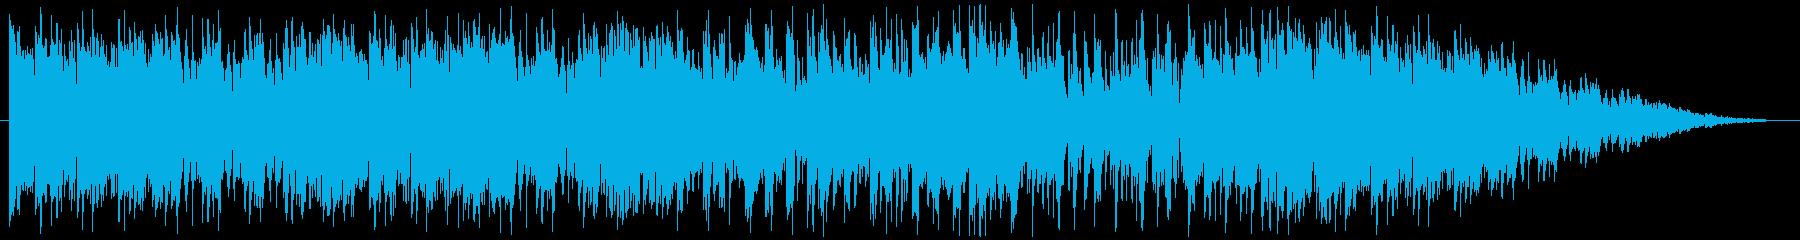 アグレッシブなアコギとエレクトロの融合の再生済みの波形